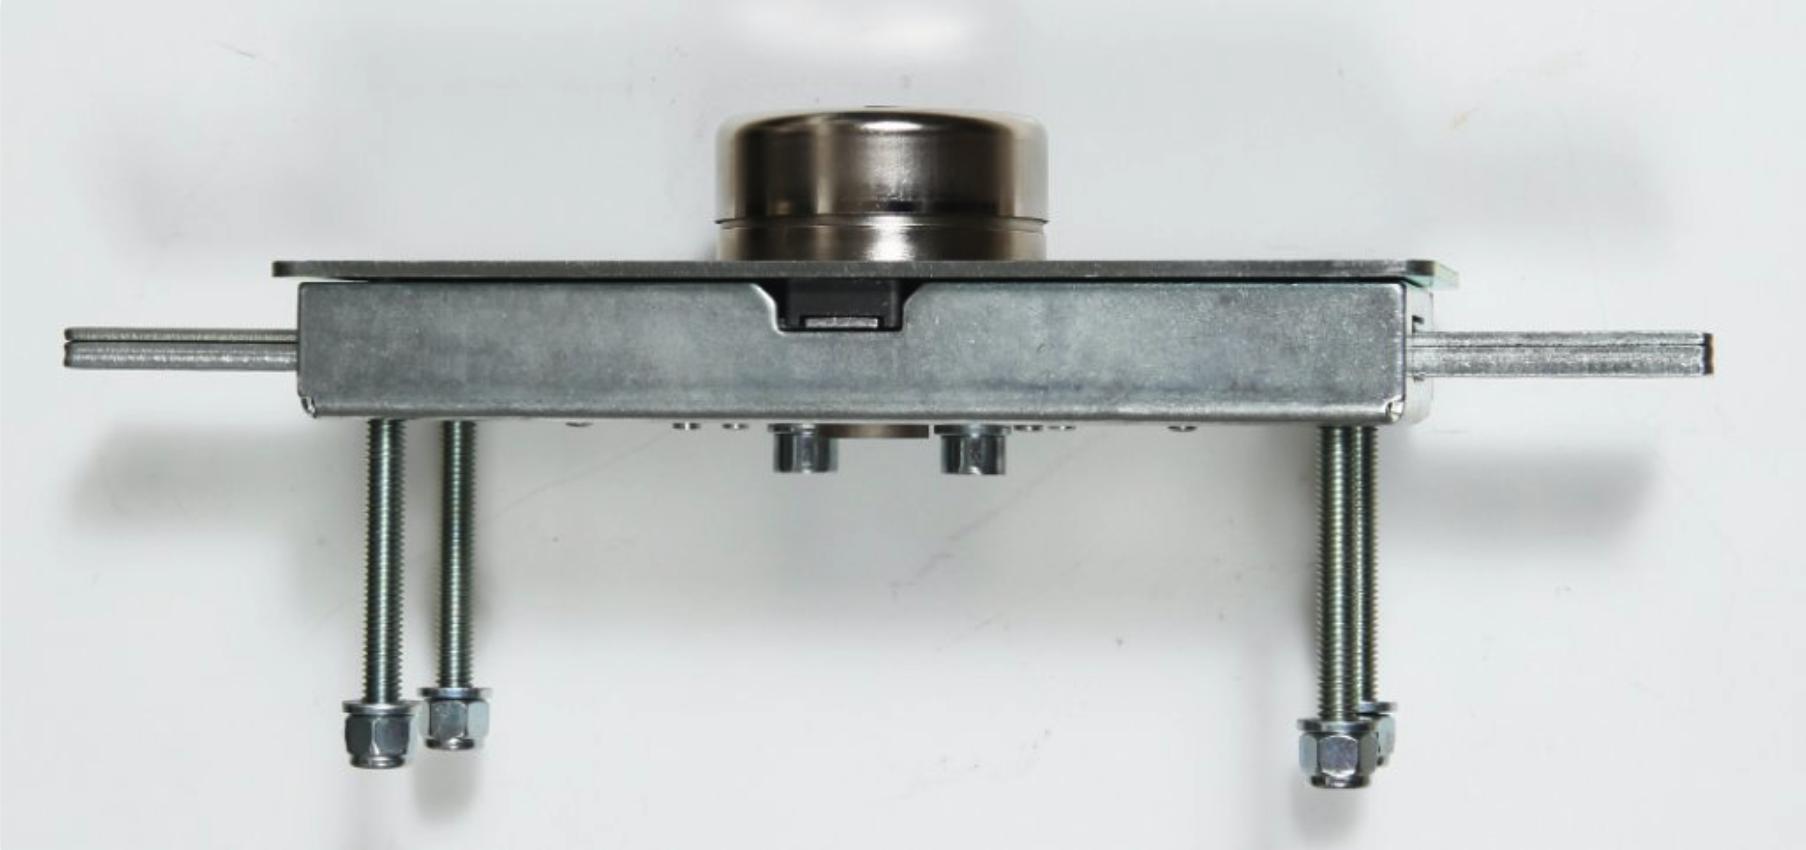 La cerradura acorazada Viro Serie 1.8270 provista de placa de protección. La chapa de la cortina metálica enrollable queda protegida entre la caja y la placa de protección para formar un conjunto sumamente resistente.